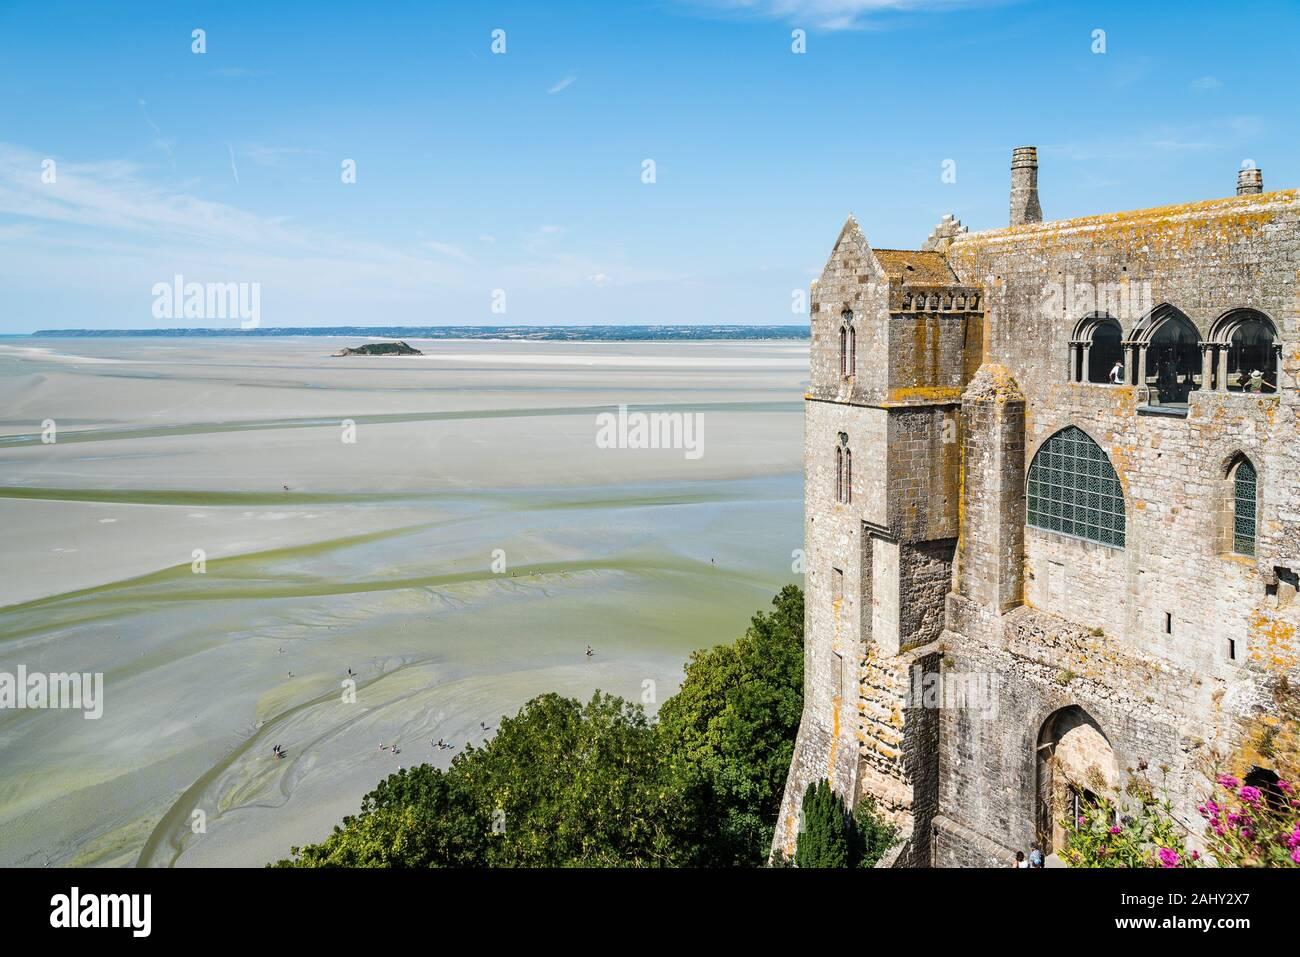 Monte Saint-Michel y la bahía con la marea baja. Normandía, Francia. Foto de stock